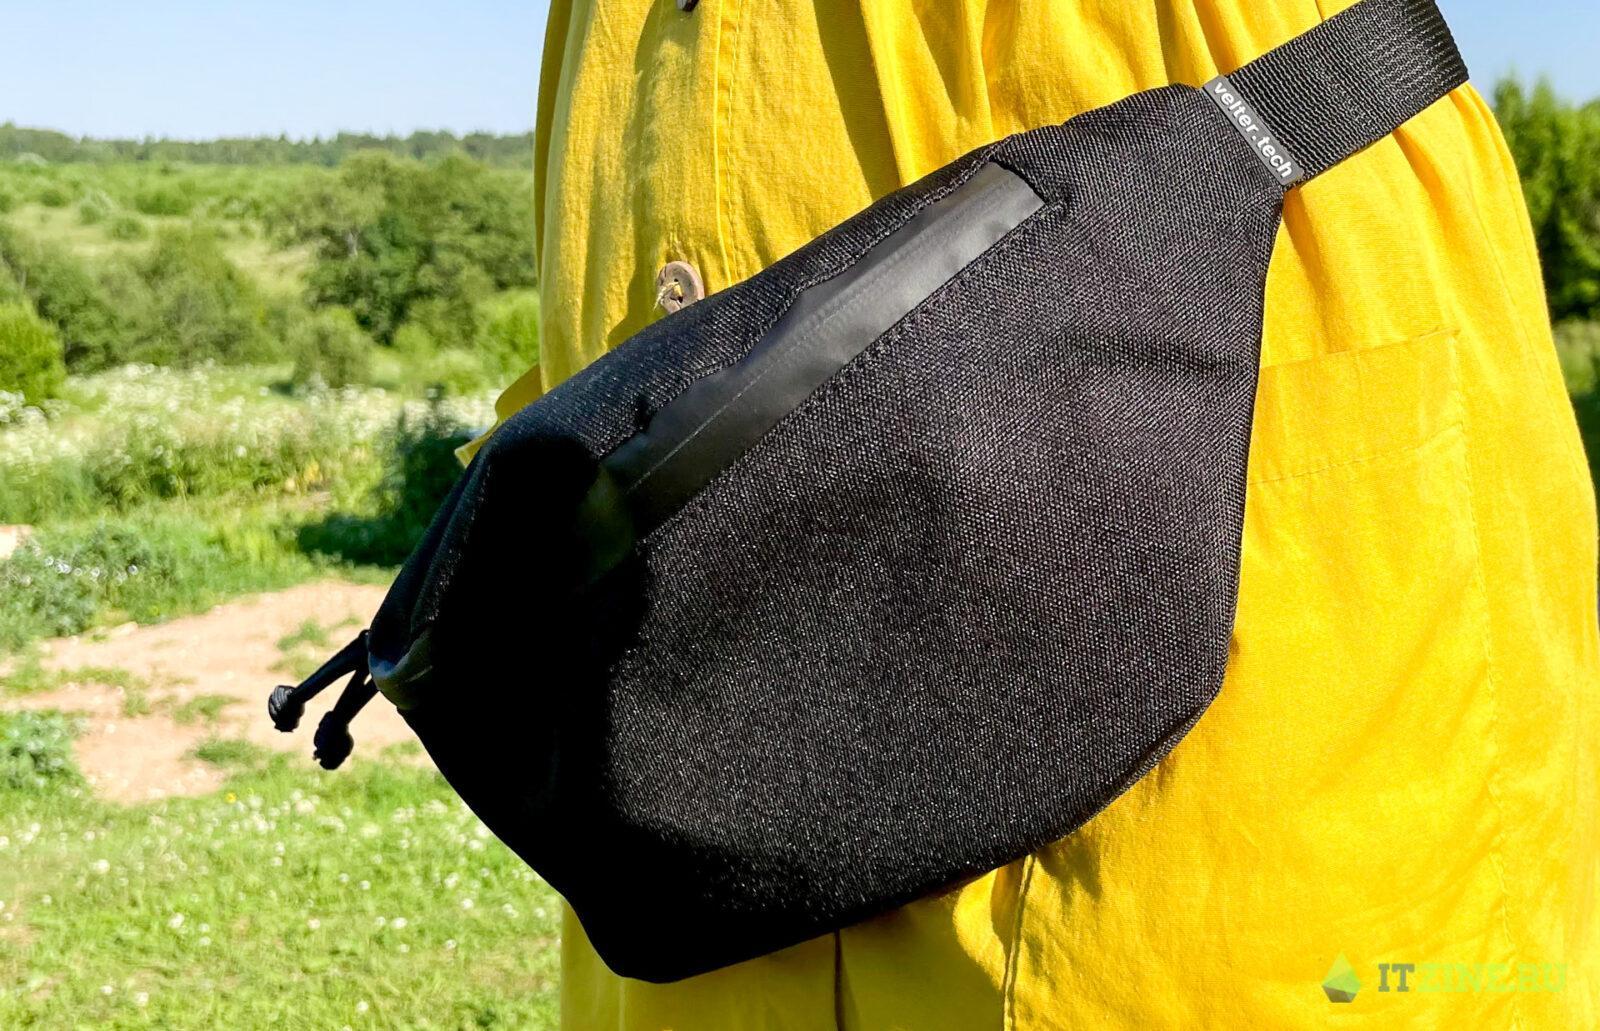 Обзор сумки Velter с клеткой Фарадея: блокирует все сигналы гаджетов (hp envy 05)